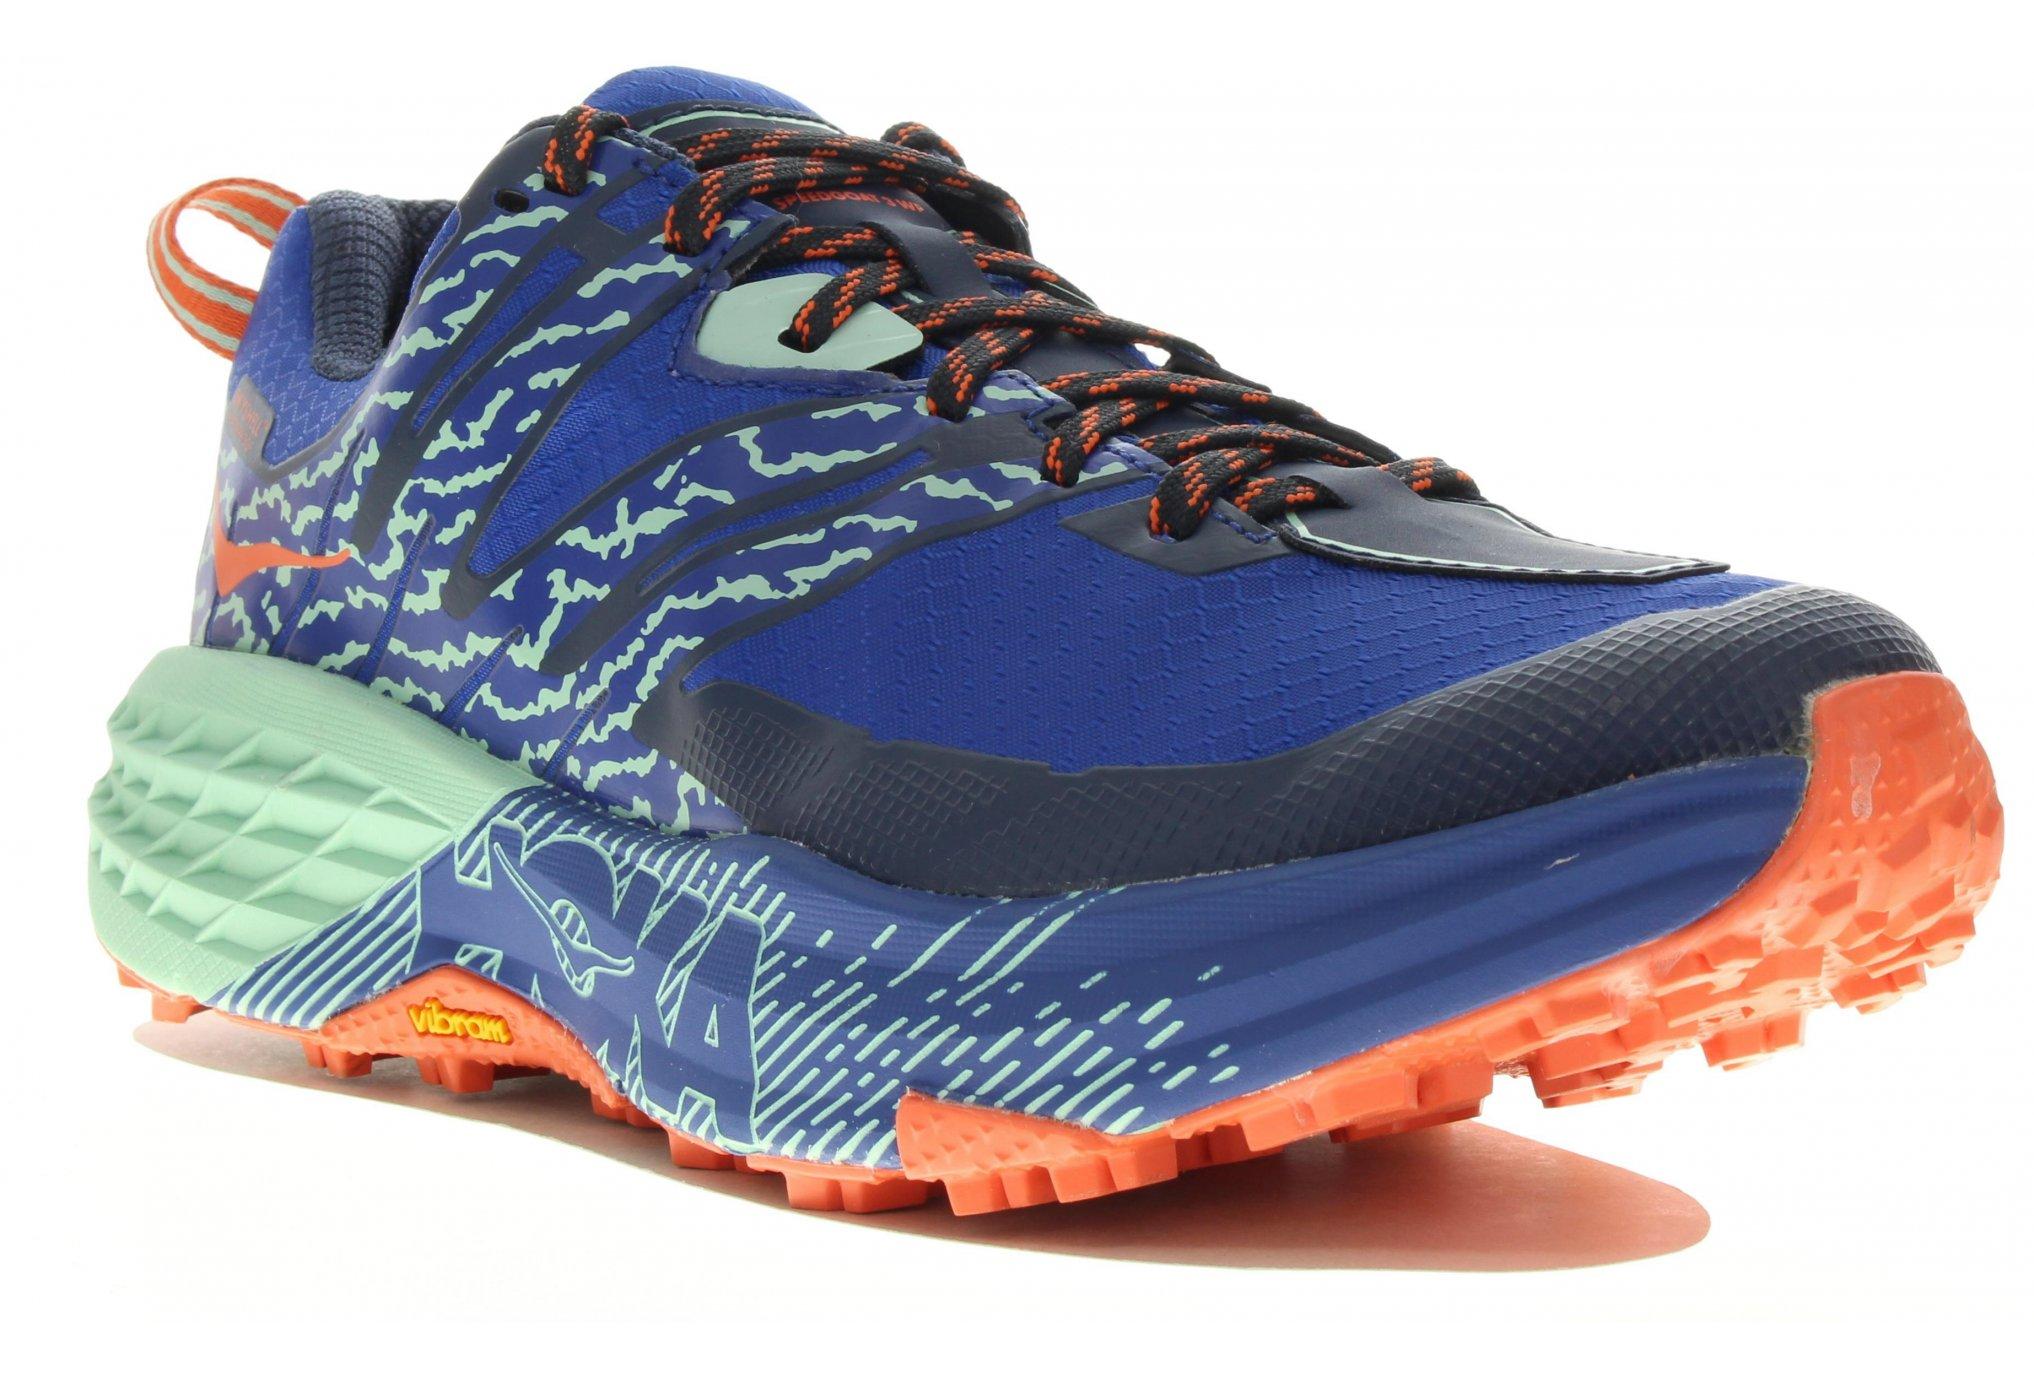 Hoka One One SpeedGoat 3 WP Chaussures running femme